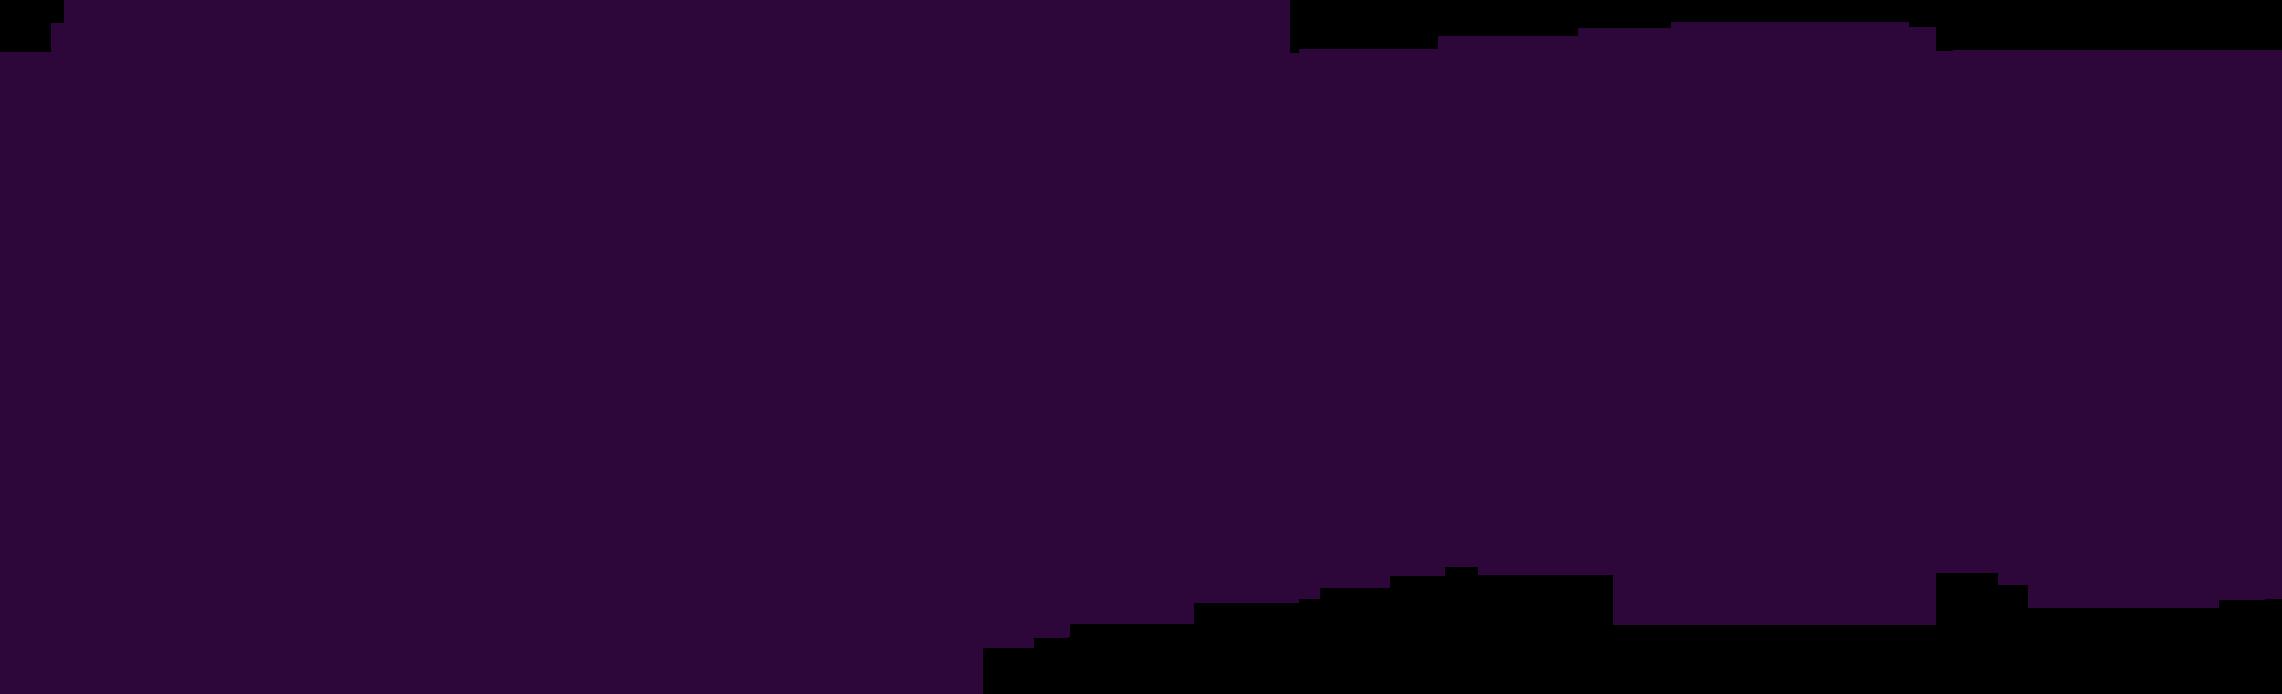 FourNet logo